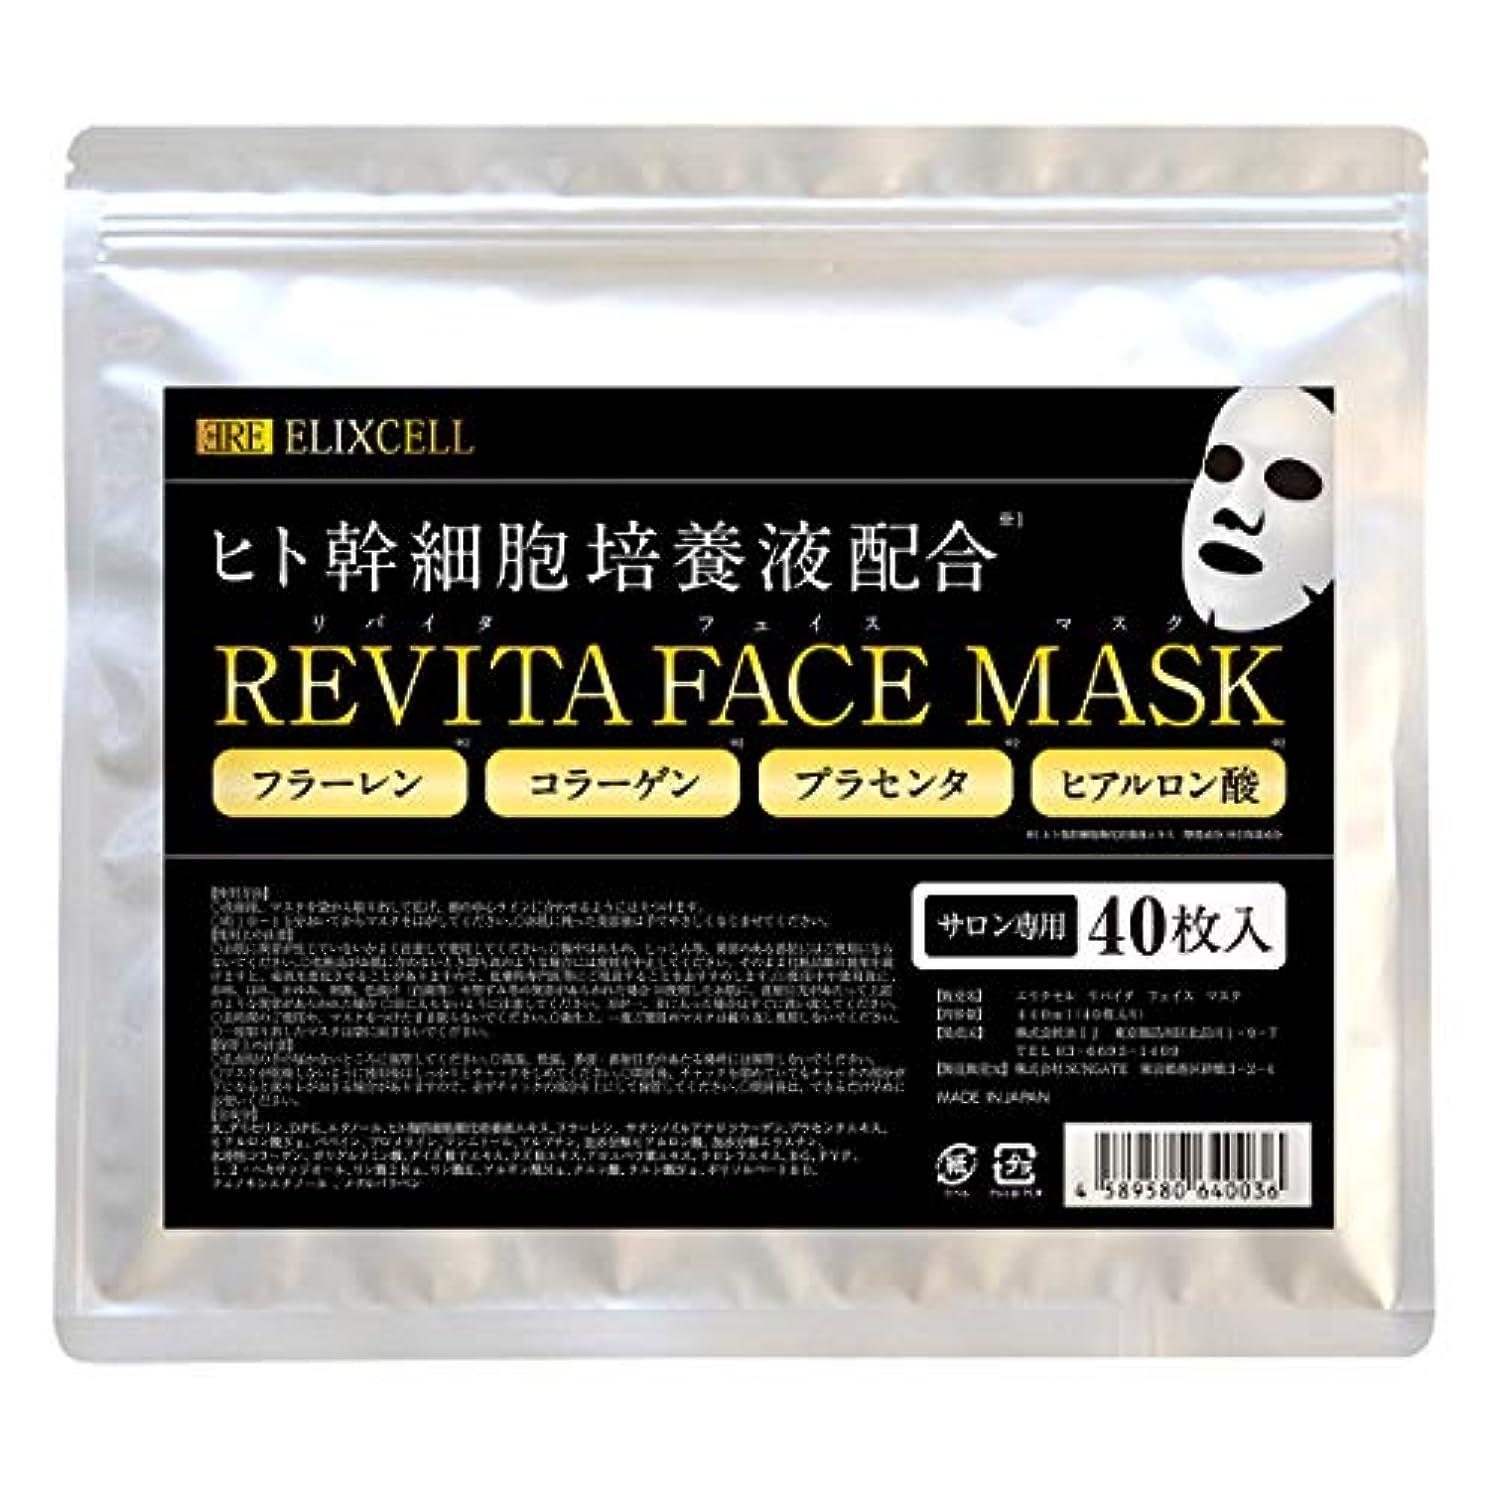 エリクセル リバイタ フェイスマスク(40枚入り) ヒト幹細胞培養エキス フラーレン コラーゲン サロン業界初 低価格